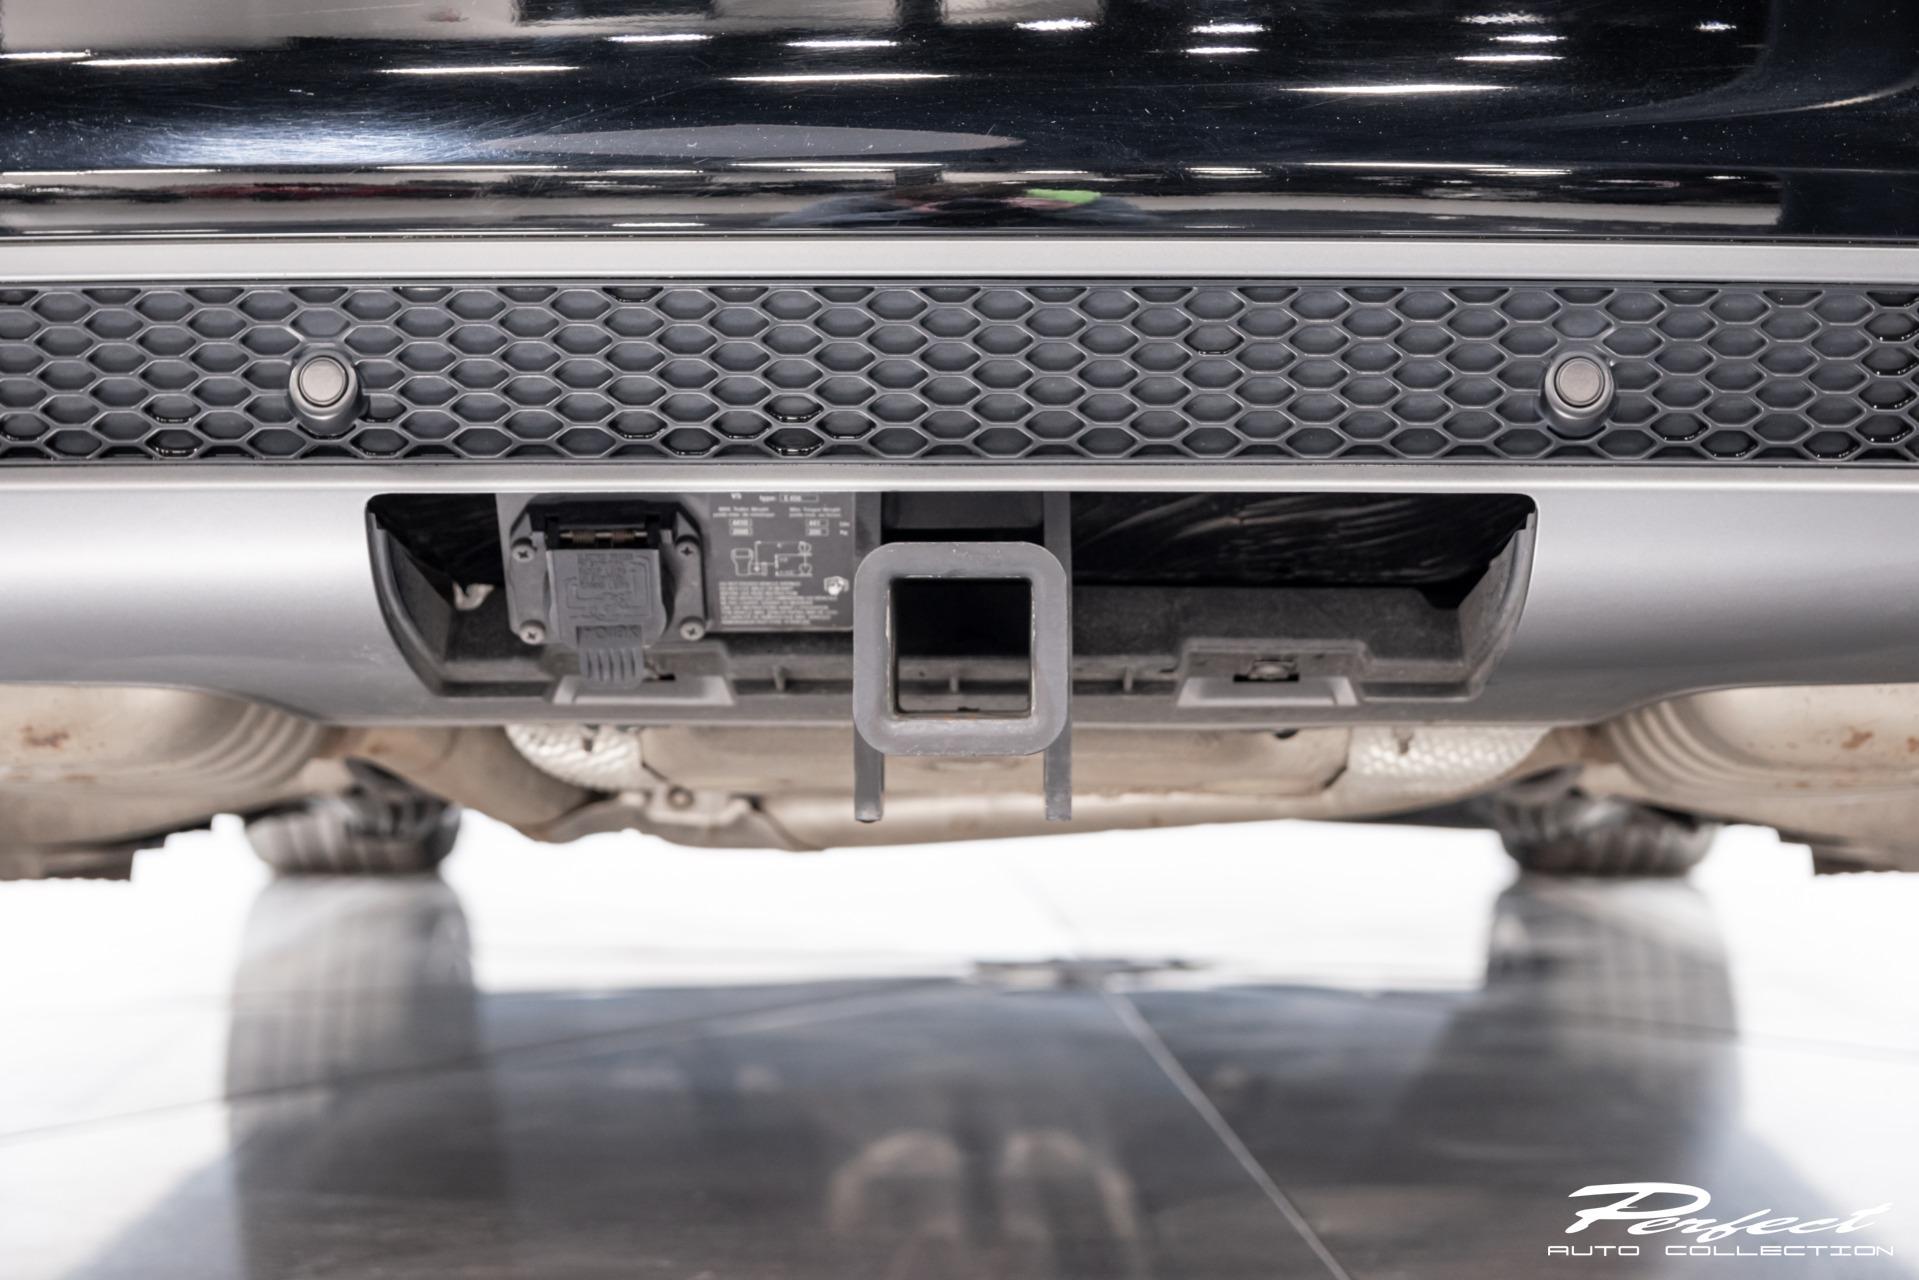 Used 2017 Audi Q5 30T quattro Premium Plus